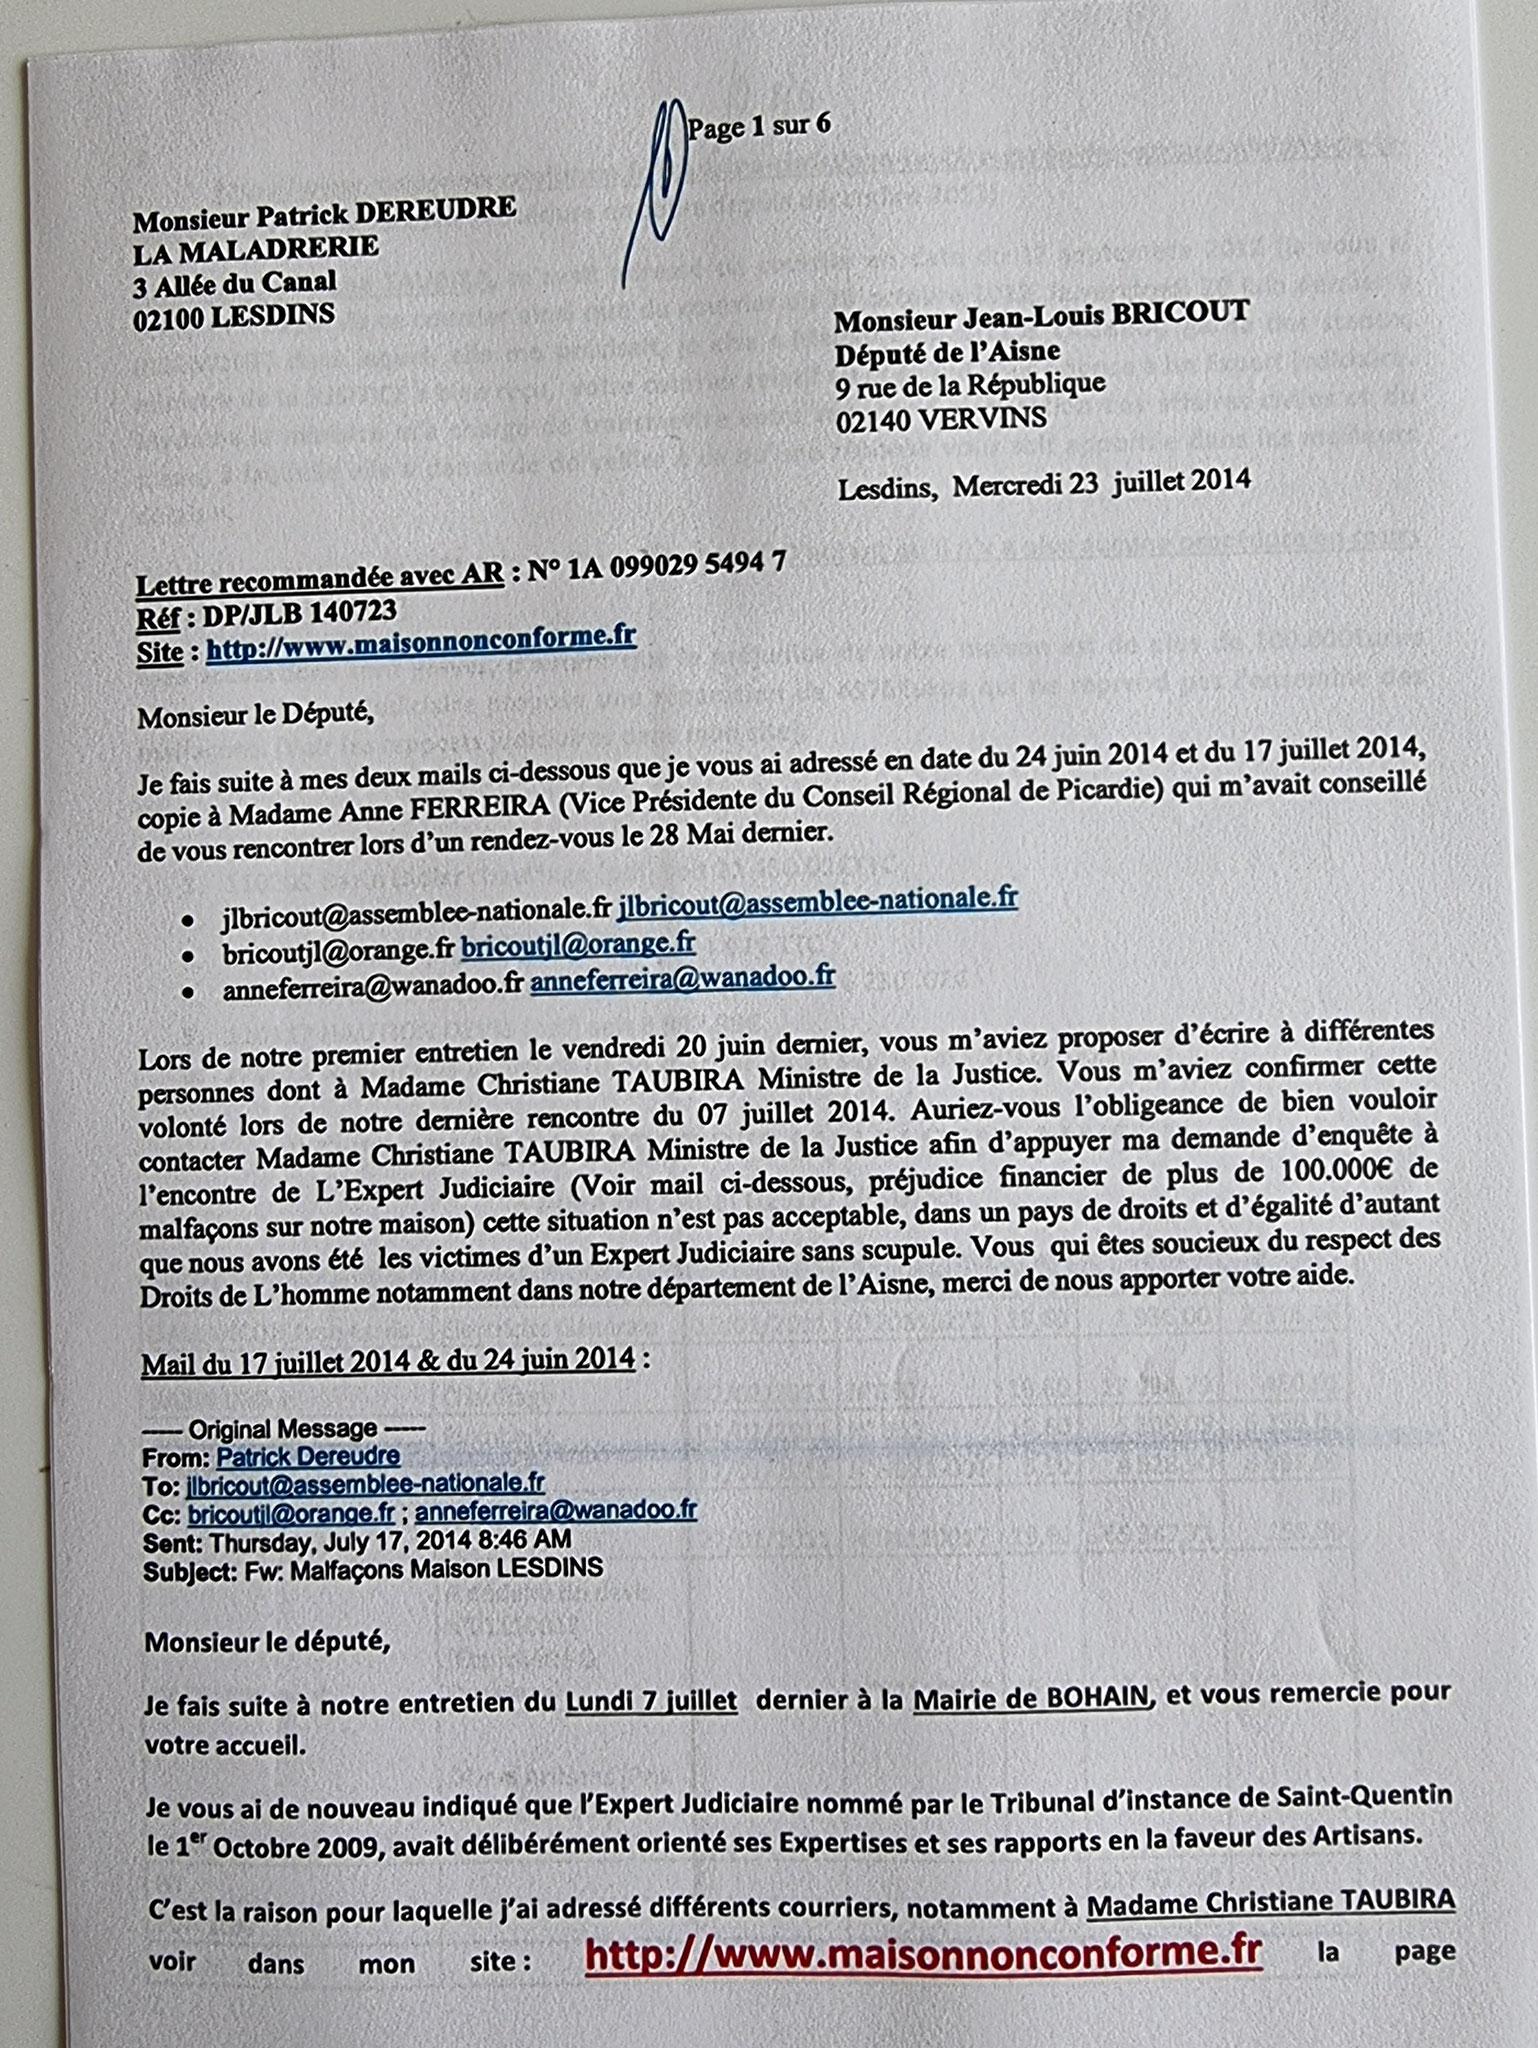 Ma lettre recommandée du 23 Juillet 2014 N° 1A 099 029 5494 7 adressée à Monsieur Jean-Louis BRICOUT député de l'Aisne www.jesuisvictime.fr www.jesuispatrick.fr www.jenesuispasunchien.fr